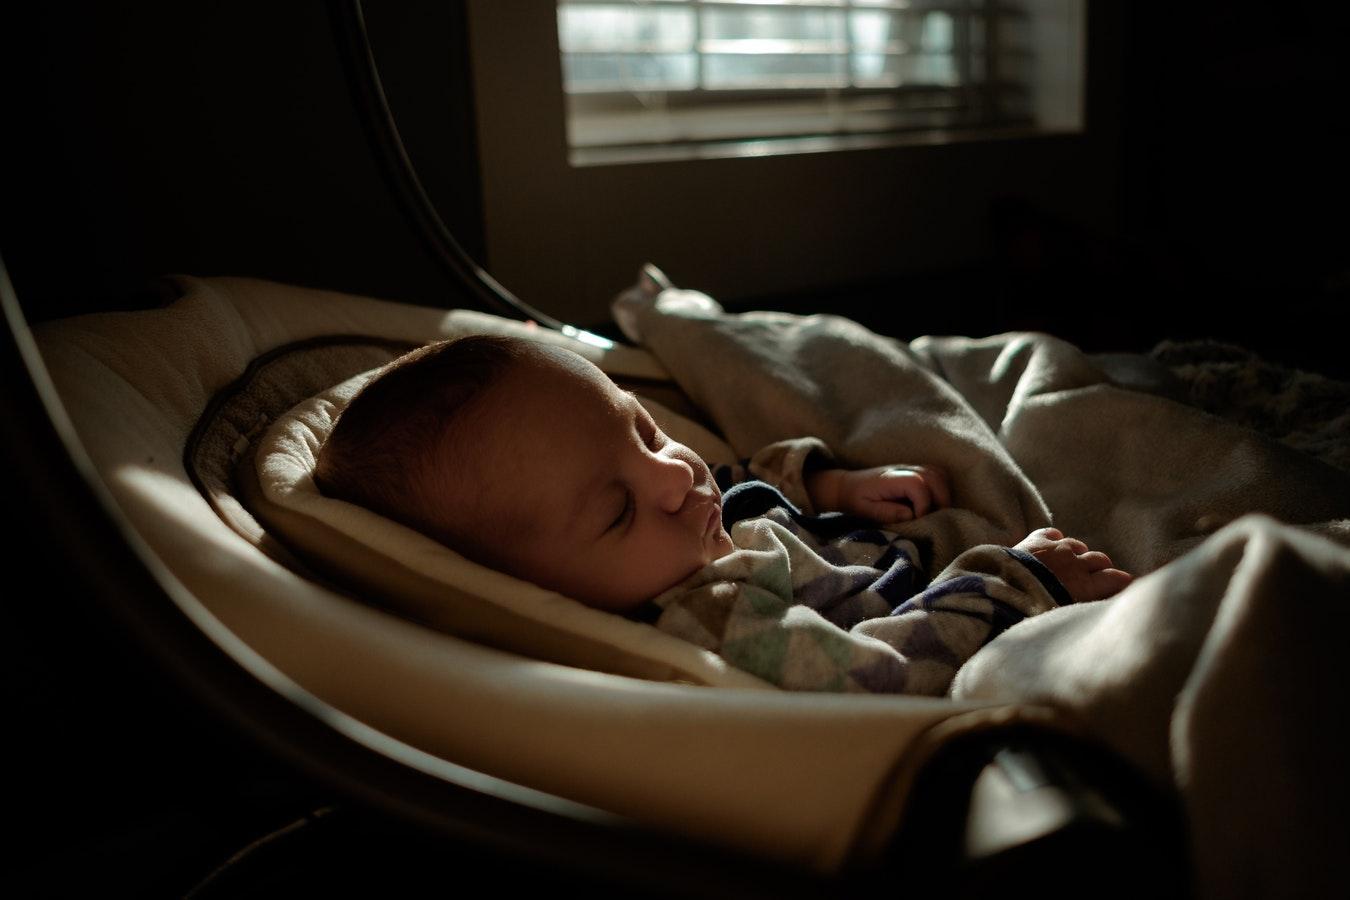 Alles zur Baby-Erstausstattung: Top 15 Baby-Facts